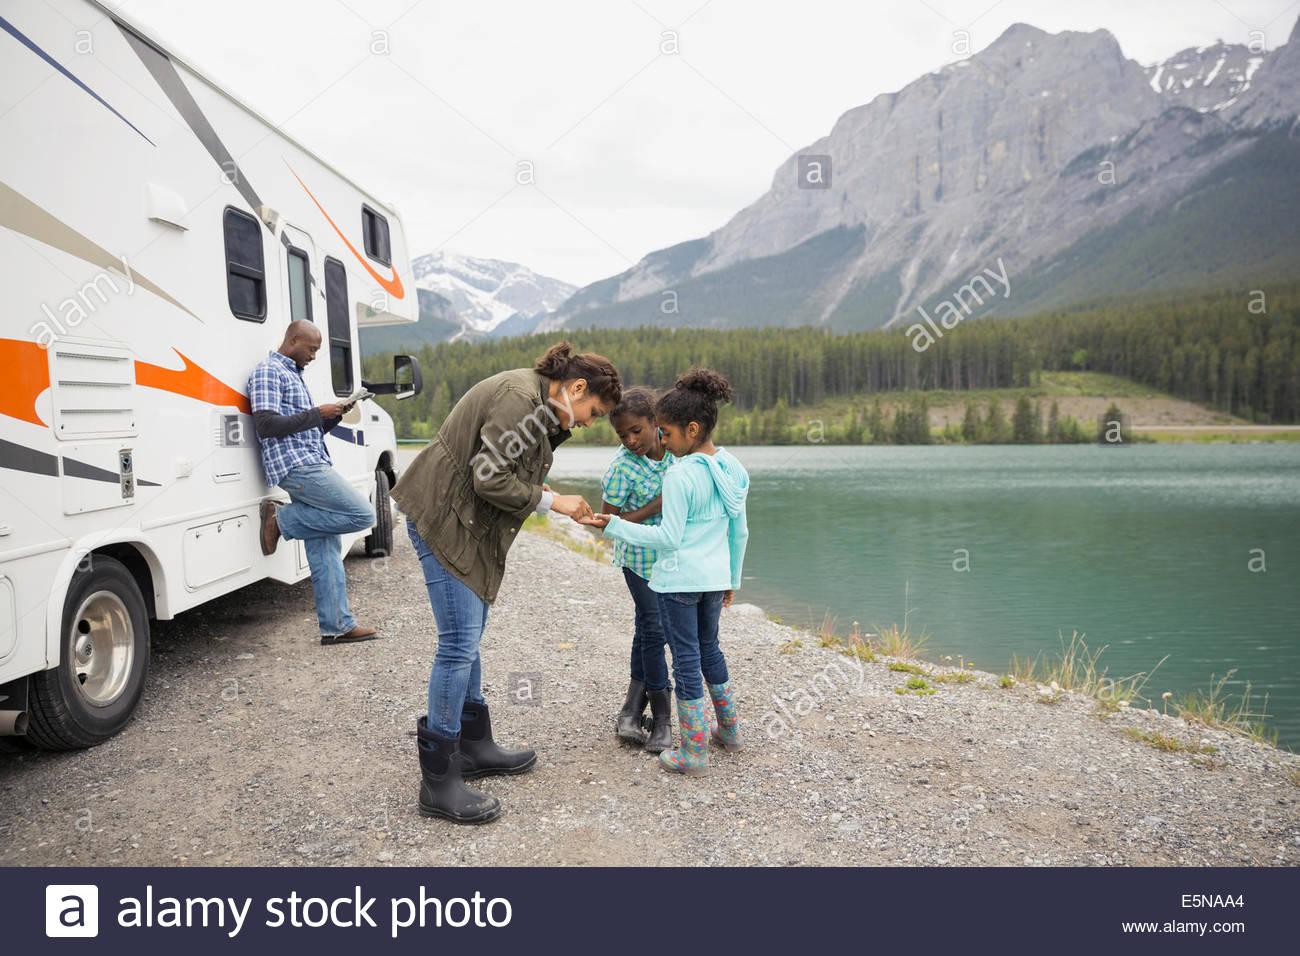 Família de pé no lago perto de RV Imagens de Stock